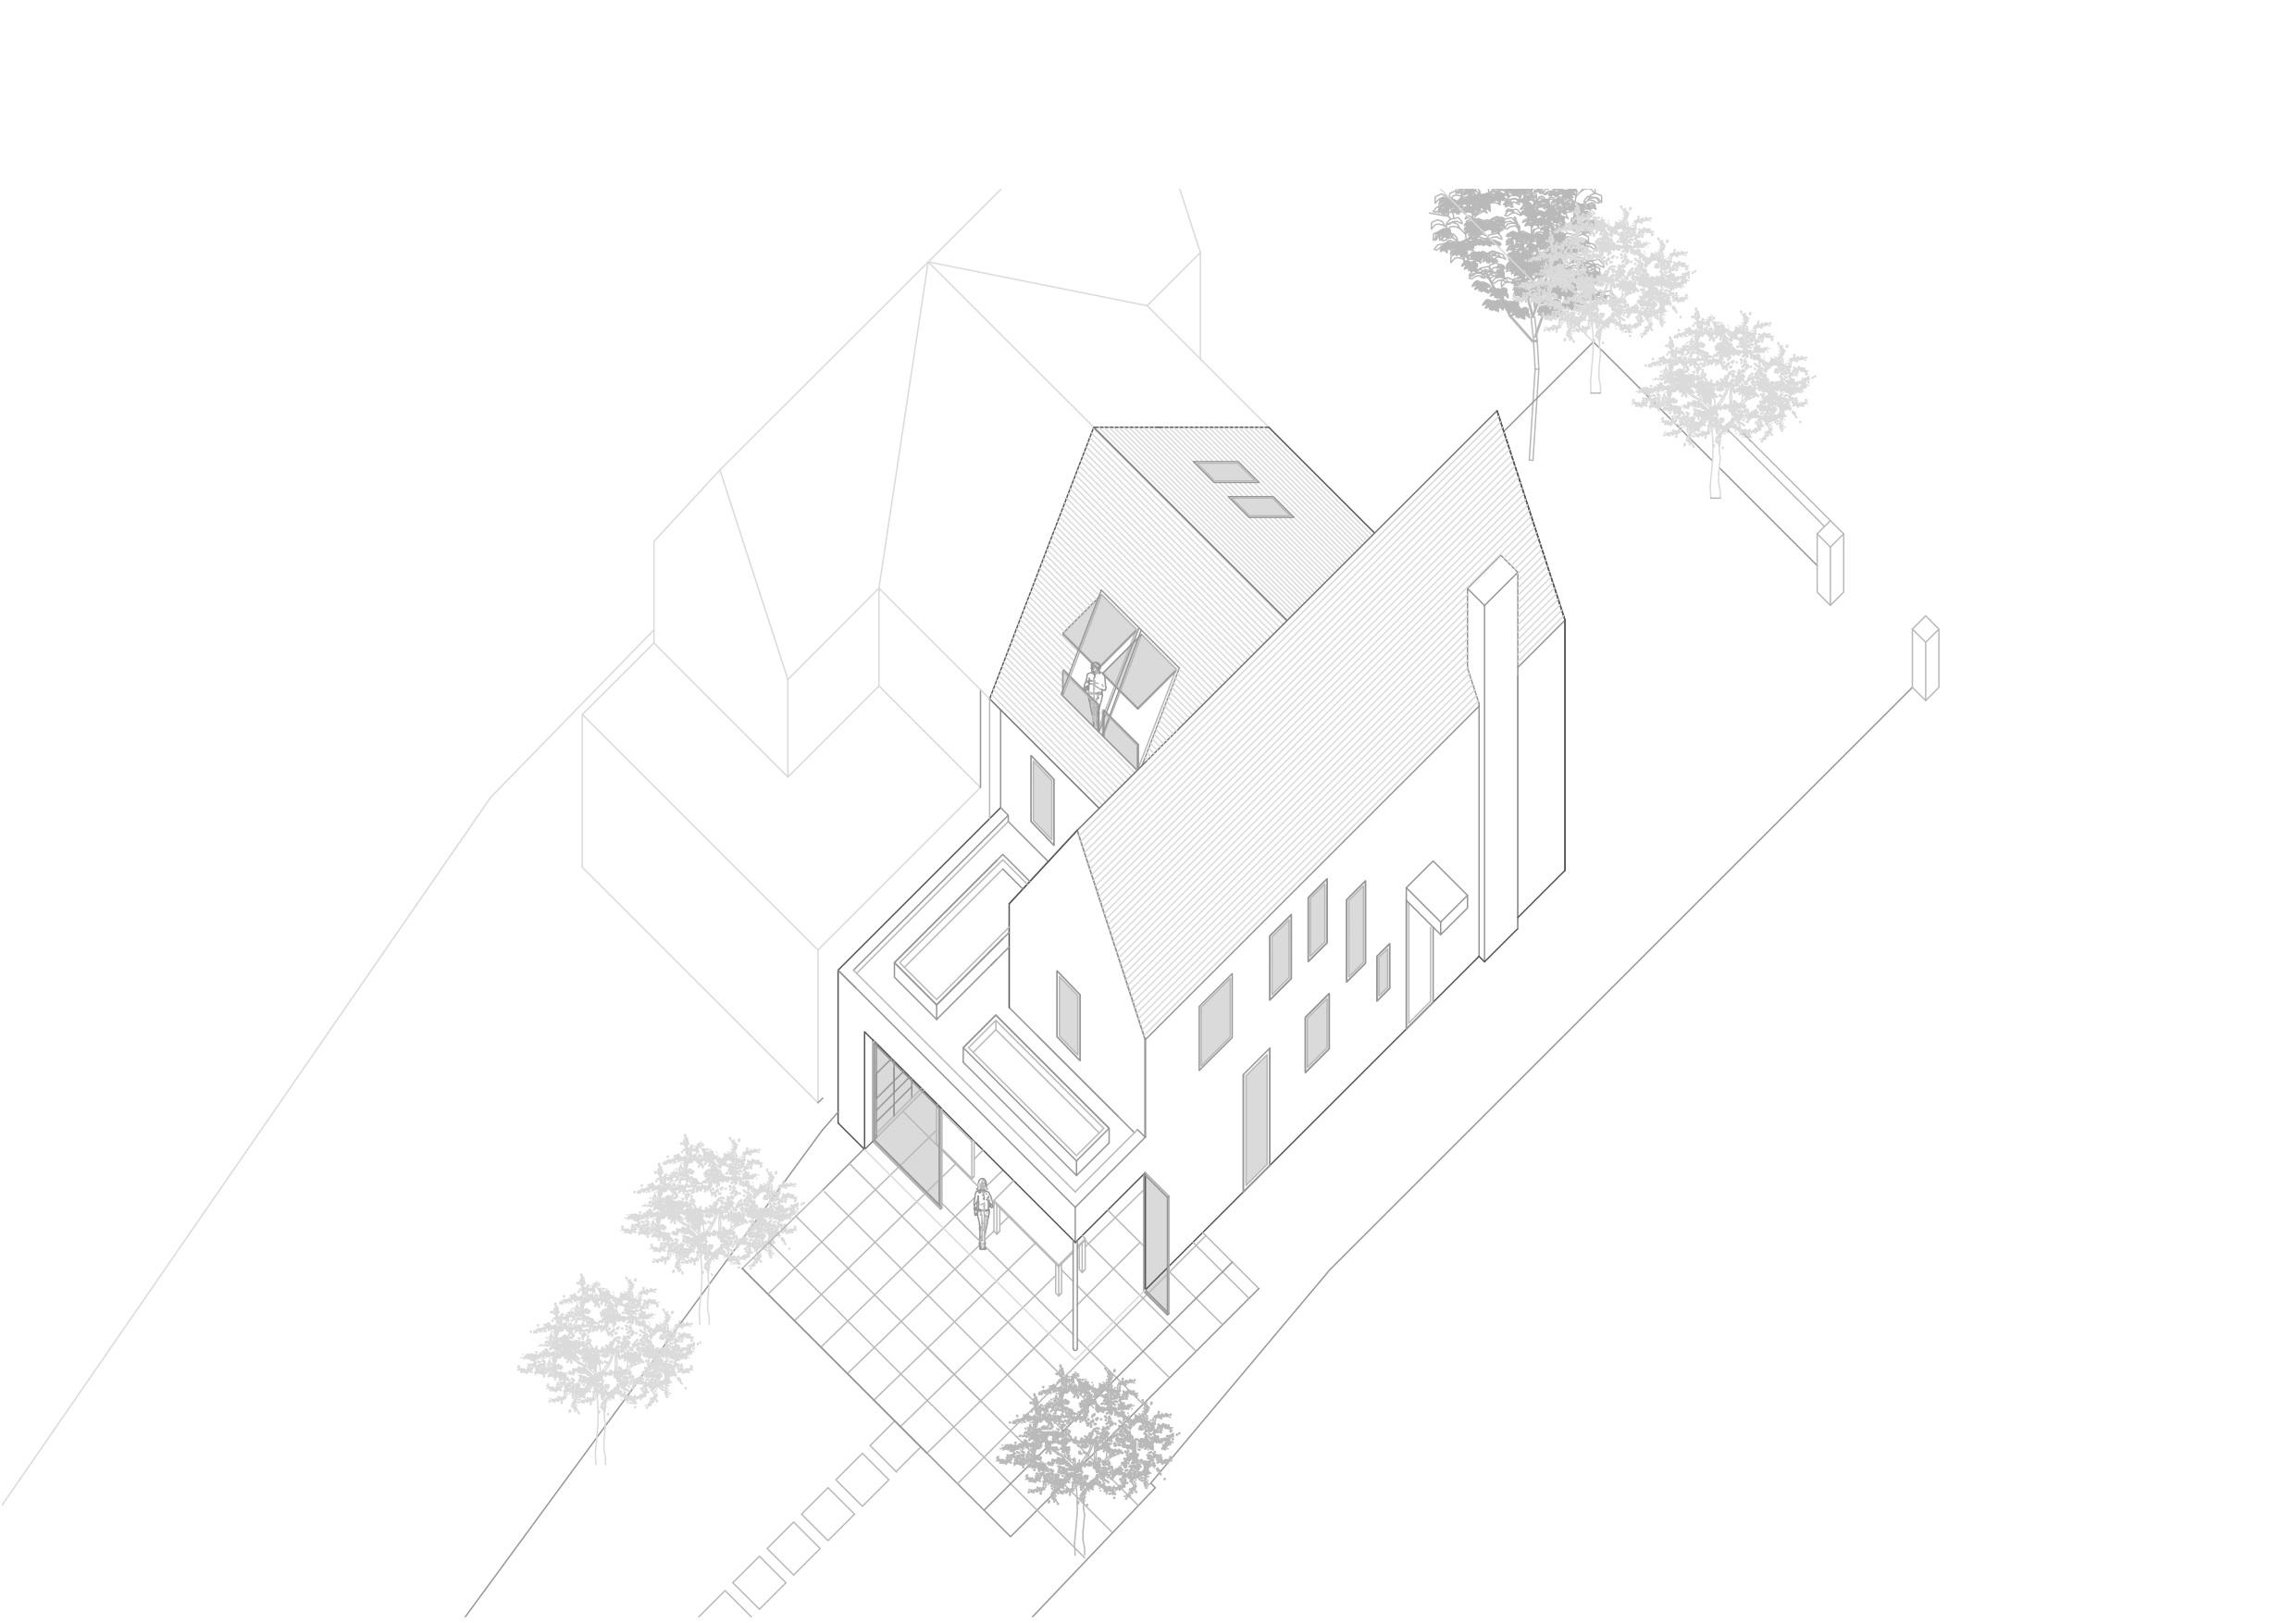 THE PONTCANNA HOUSE